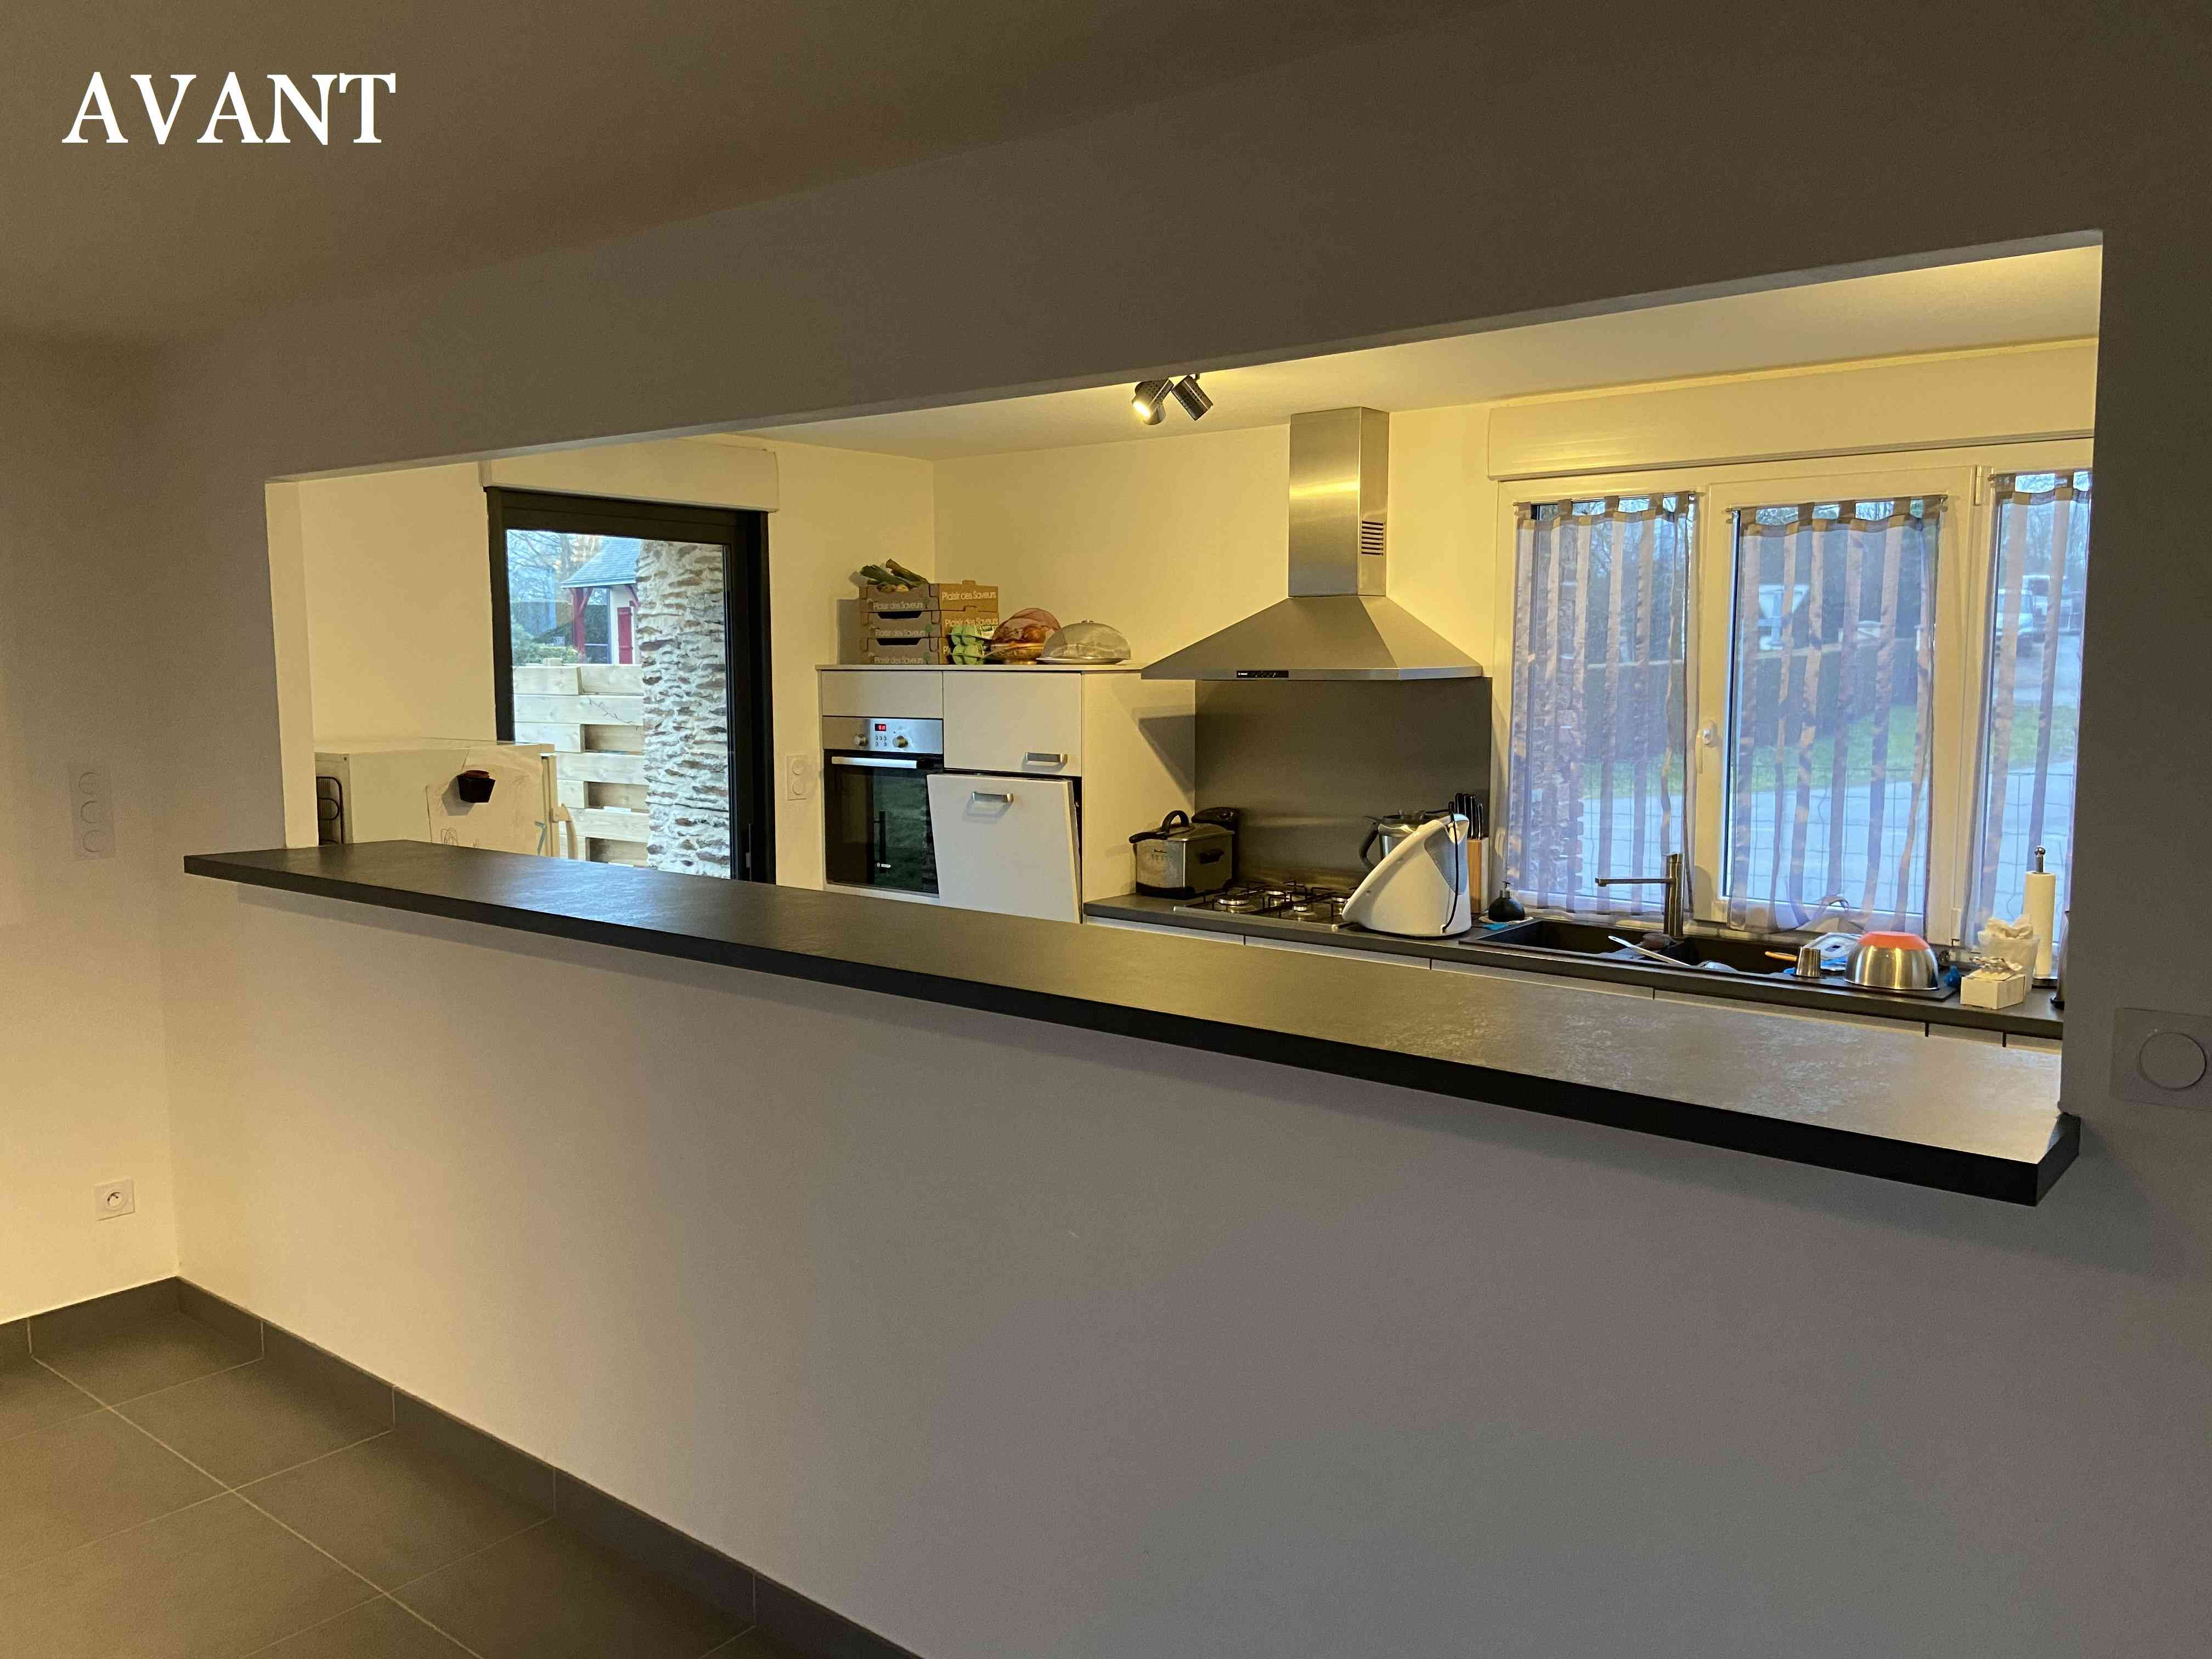 IMG 0609 - Verrière coulissante en chêne entre cuisine et séjour